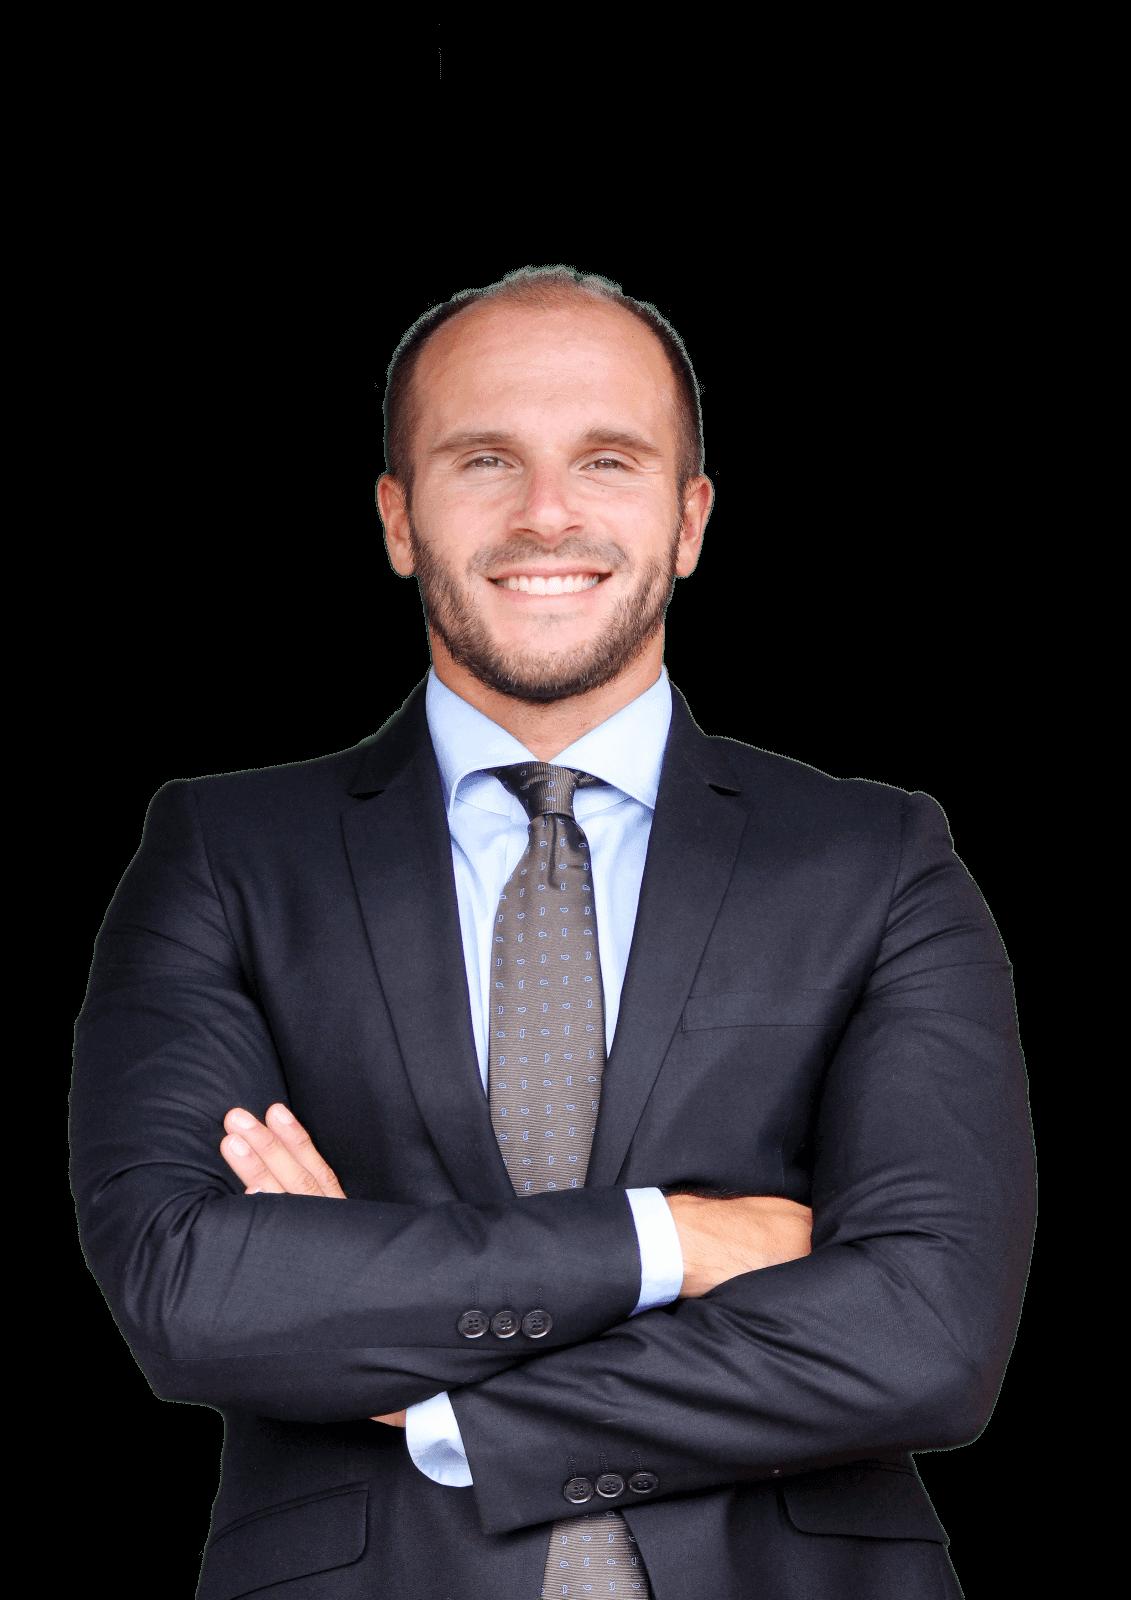 investor visa italy italian investor visa golden visa italy italian golden visa assistance lawyer